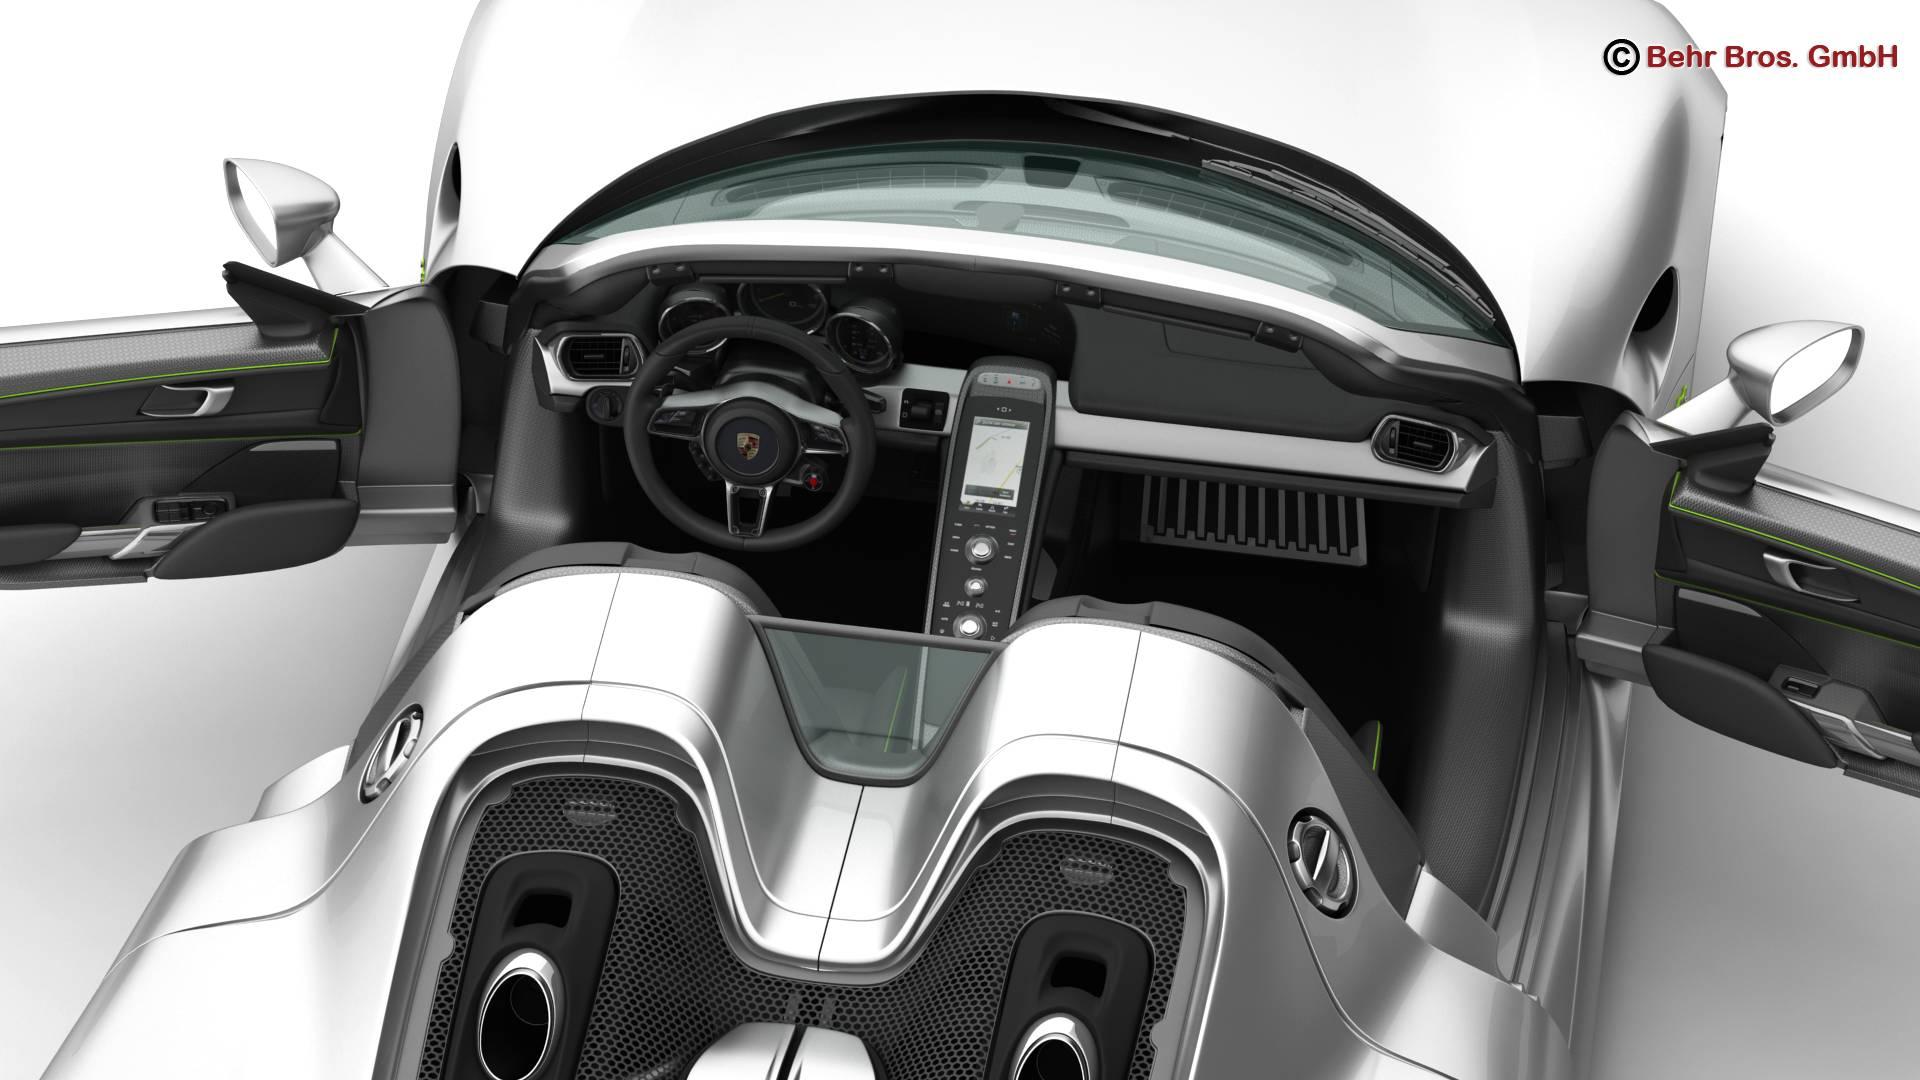 porsche 918 spyder with detachable roof 3d model 3ds max fbx c4d lwo ma mb obj 209347